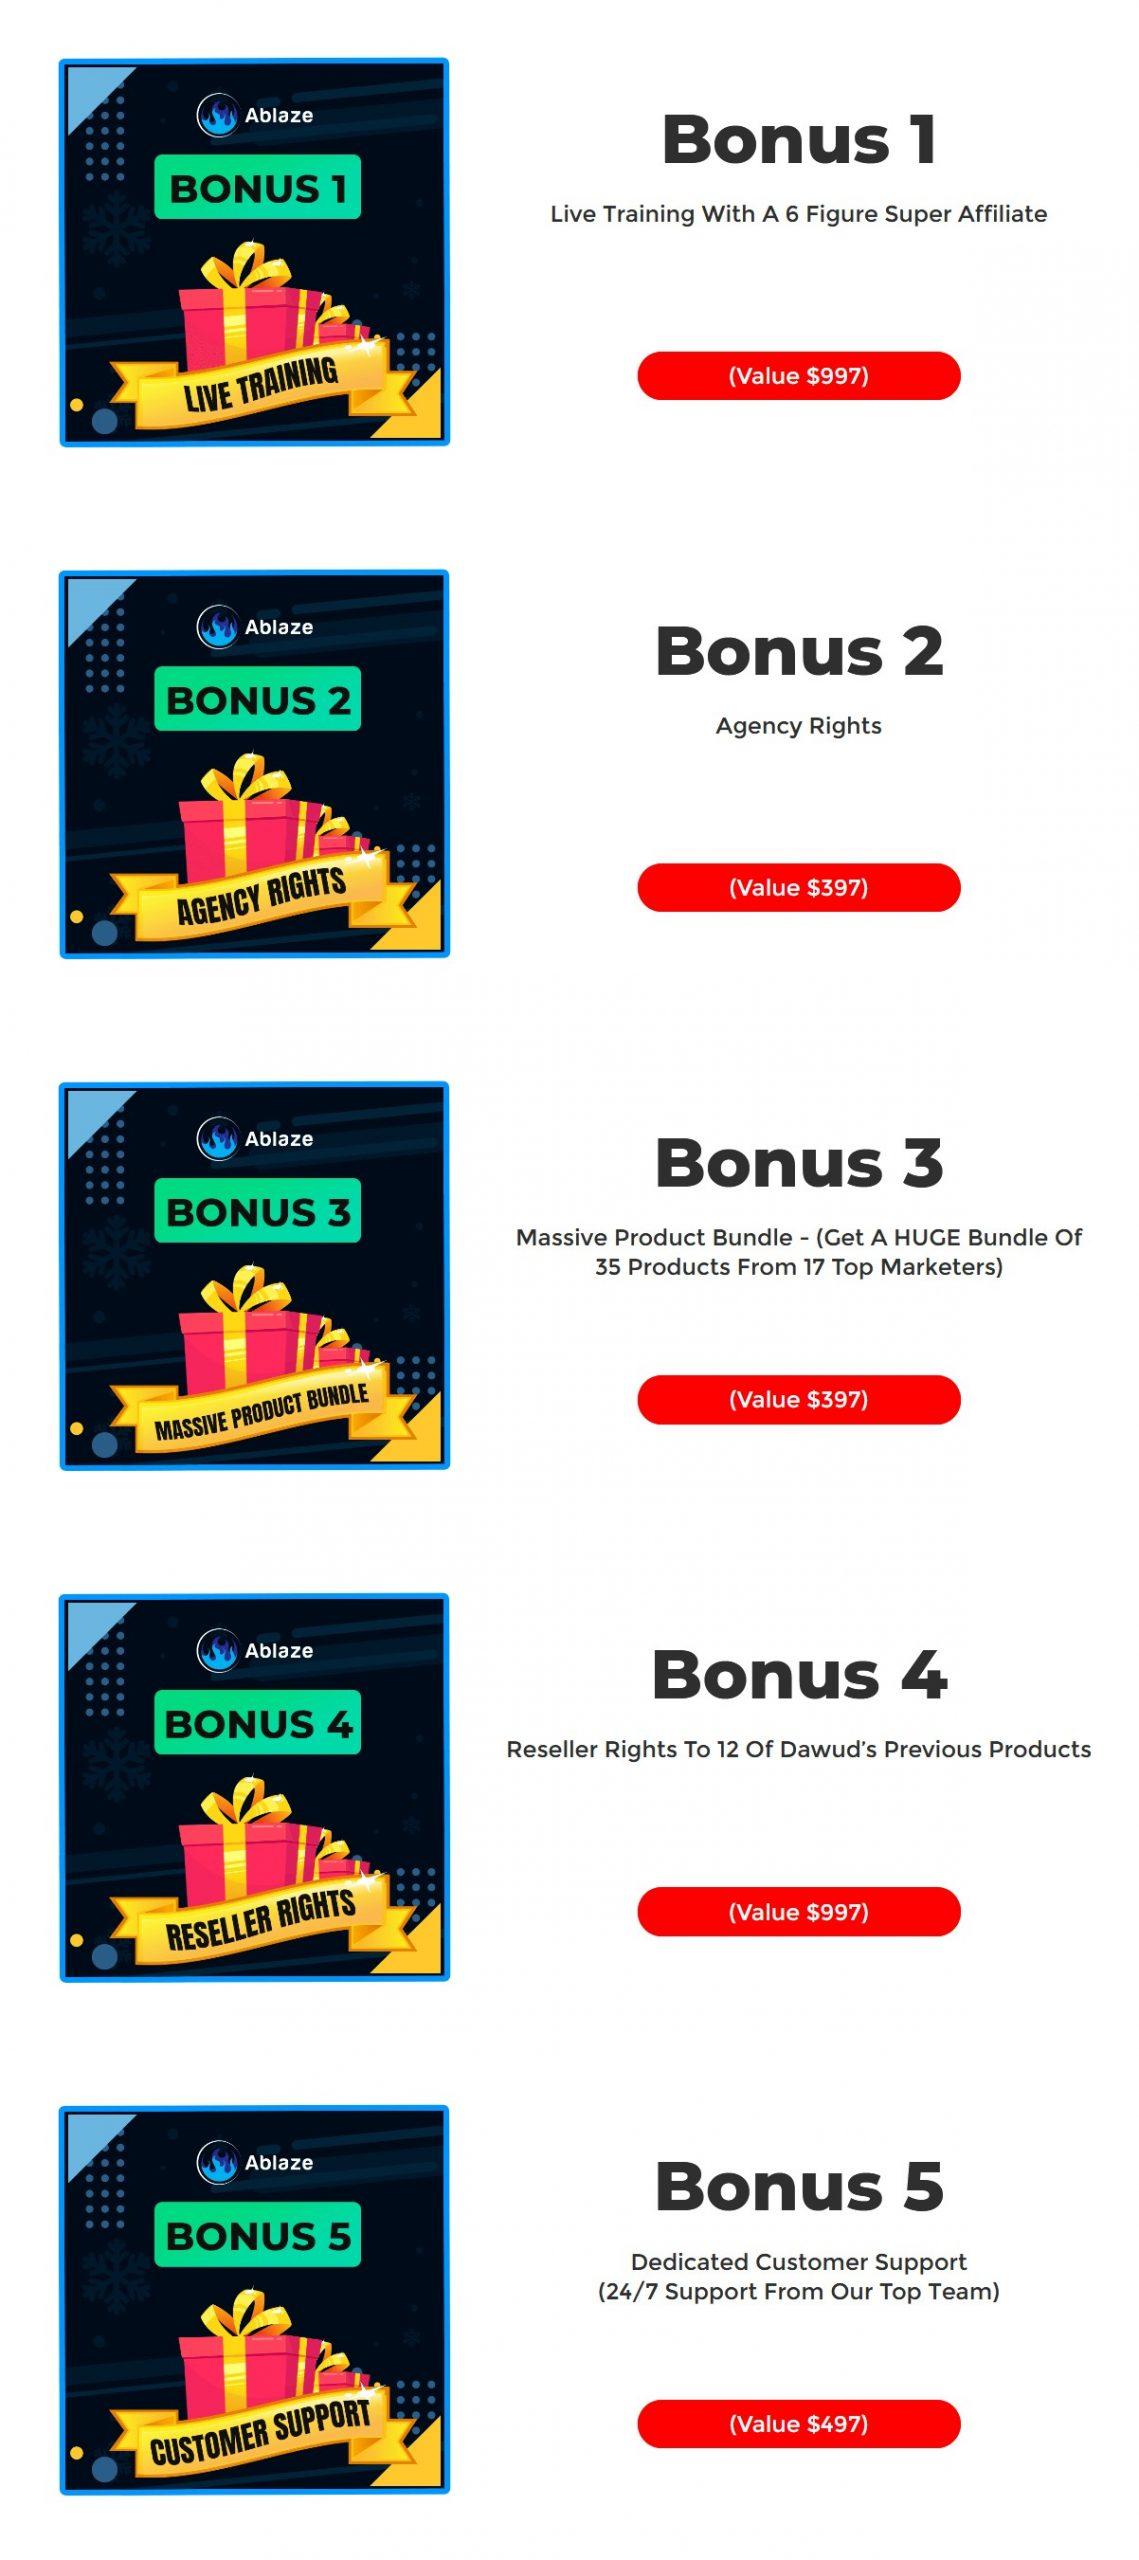 Ablaze-bonus